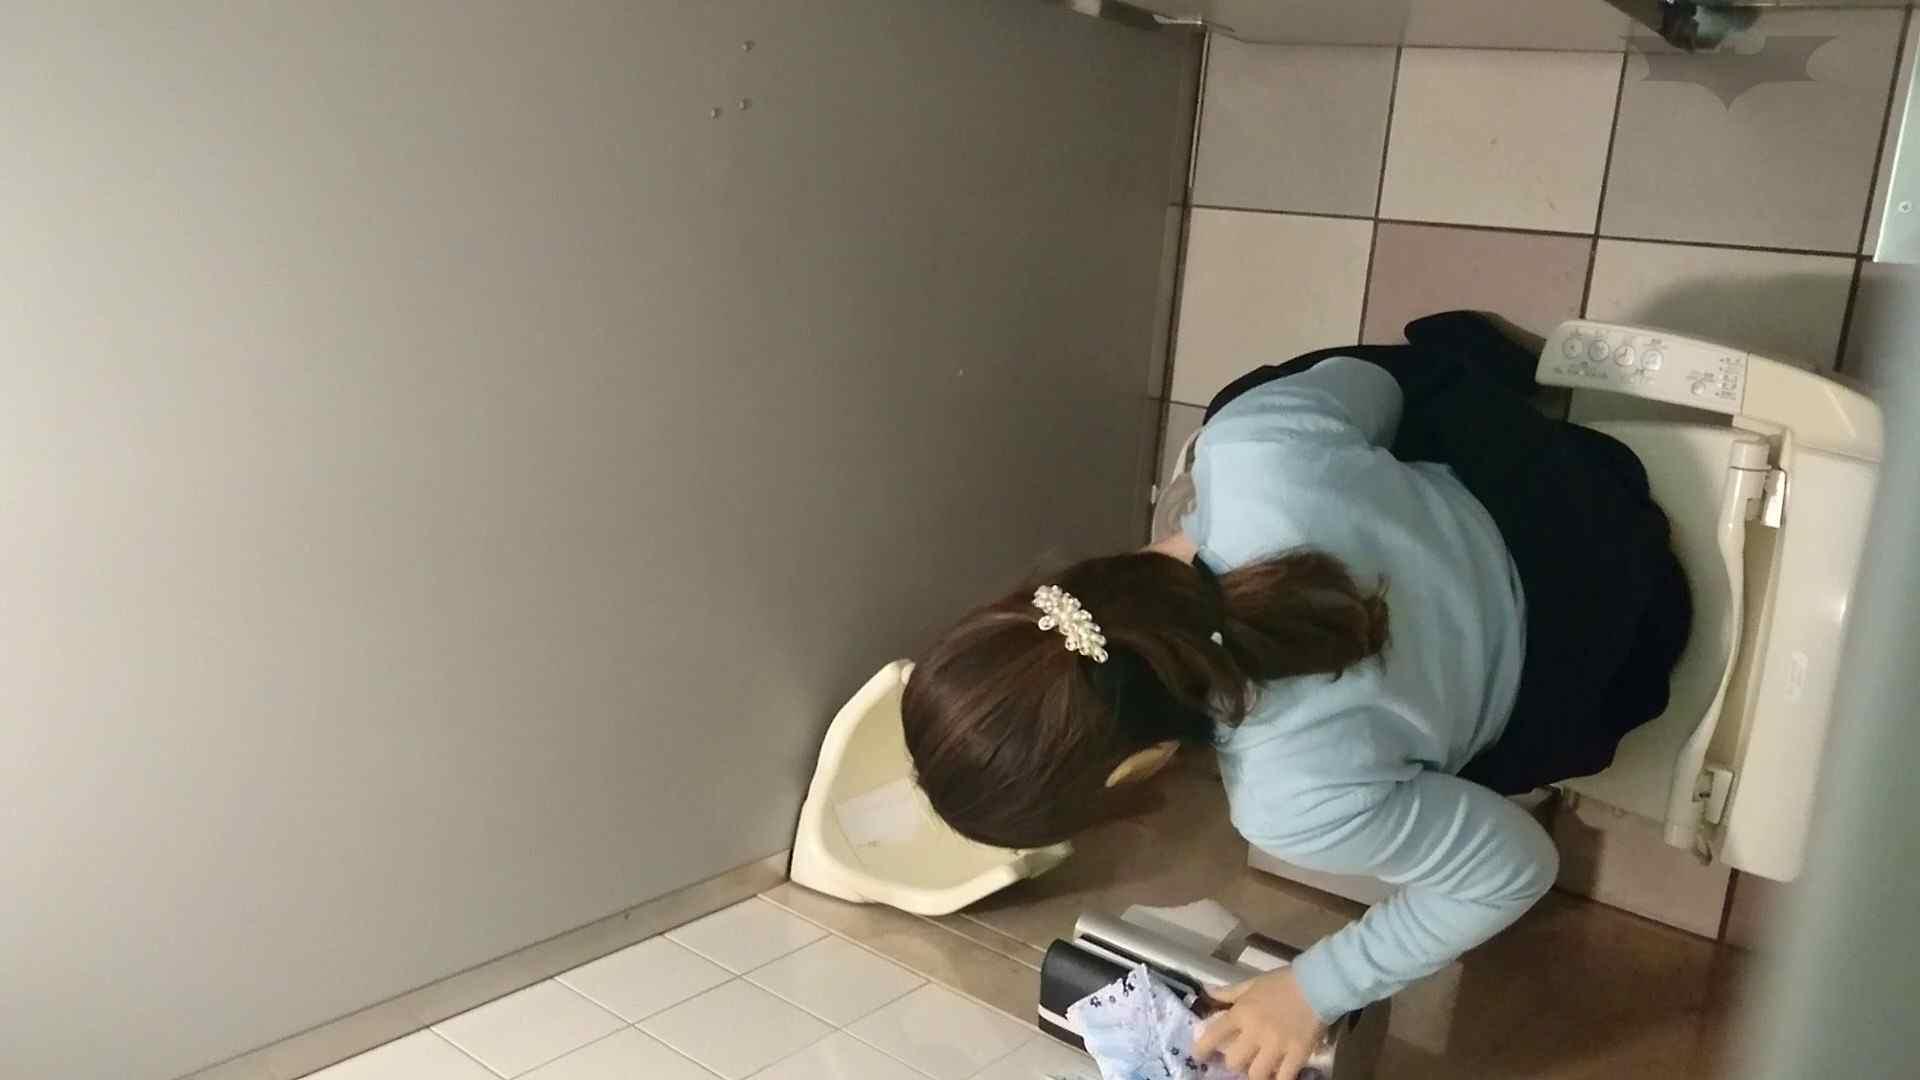 化粧室絵巻 ショッピングモール編 VOL.13 OL   0  68連発 43